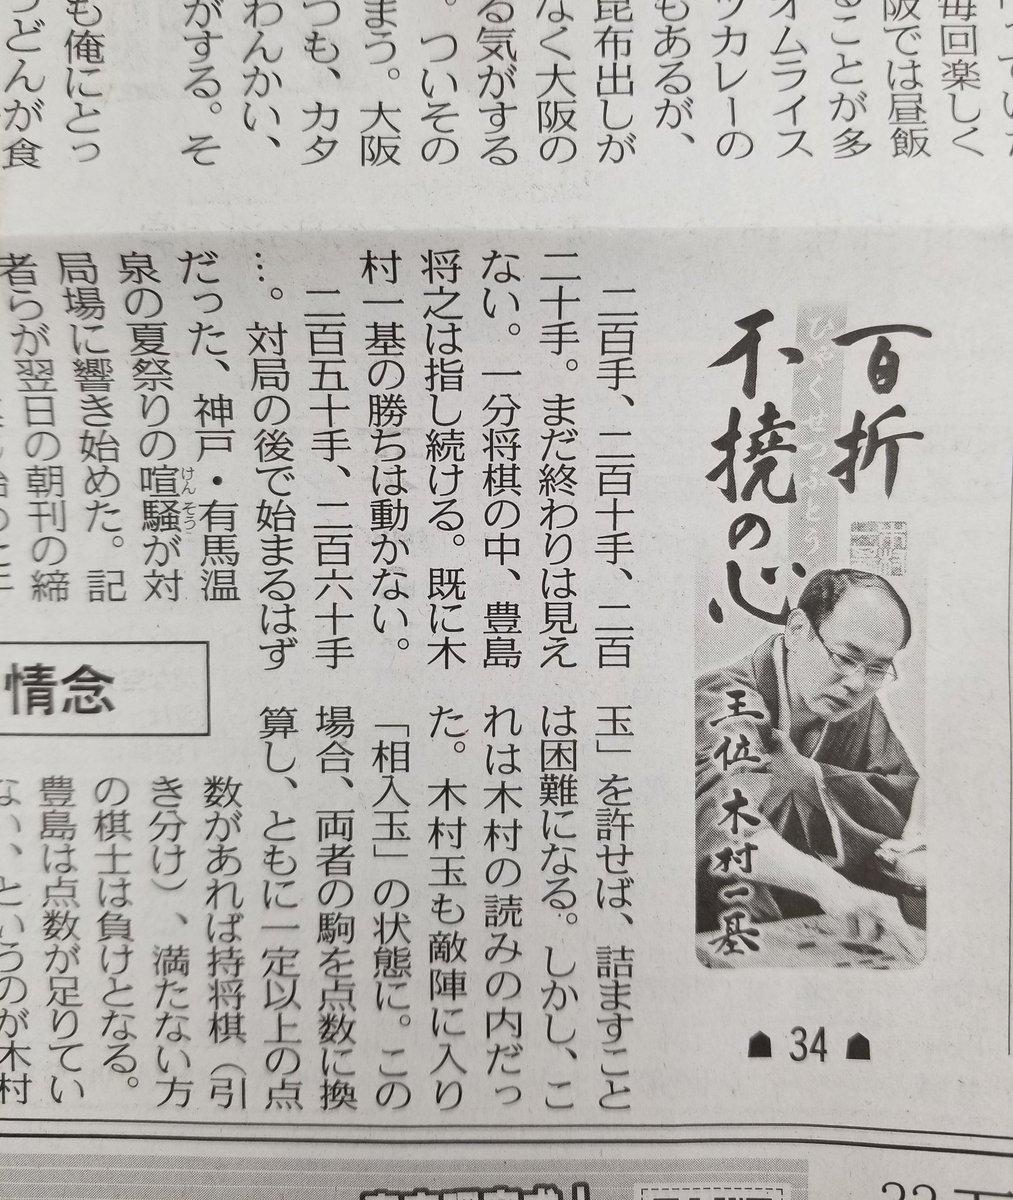 test ツイッターメディア - 東京新聞夕刊で連載中の「#百折不撓の心 王位 木村一基」もあと残りわずか。第34回は、昨夏の #王位戦 第4局の様子が描かれます。負けと知りながら285手の長手数の将棋を指し続けた豊島将之王位の心中では何が起きていたのか。コロナ関連で気の滅入るニュースが多いですが、気晴らしにご一読下さい。 https://t.co/BH6KQRQlTc